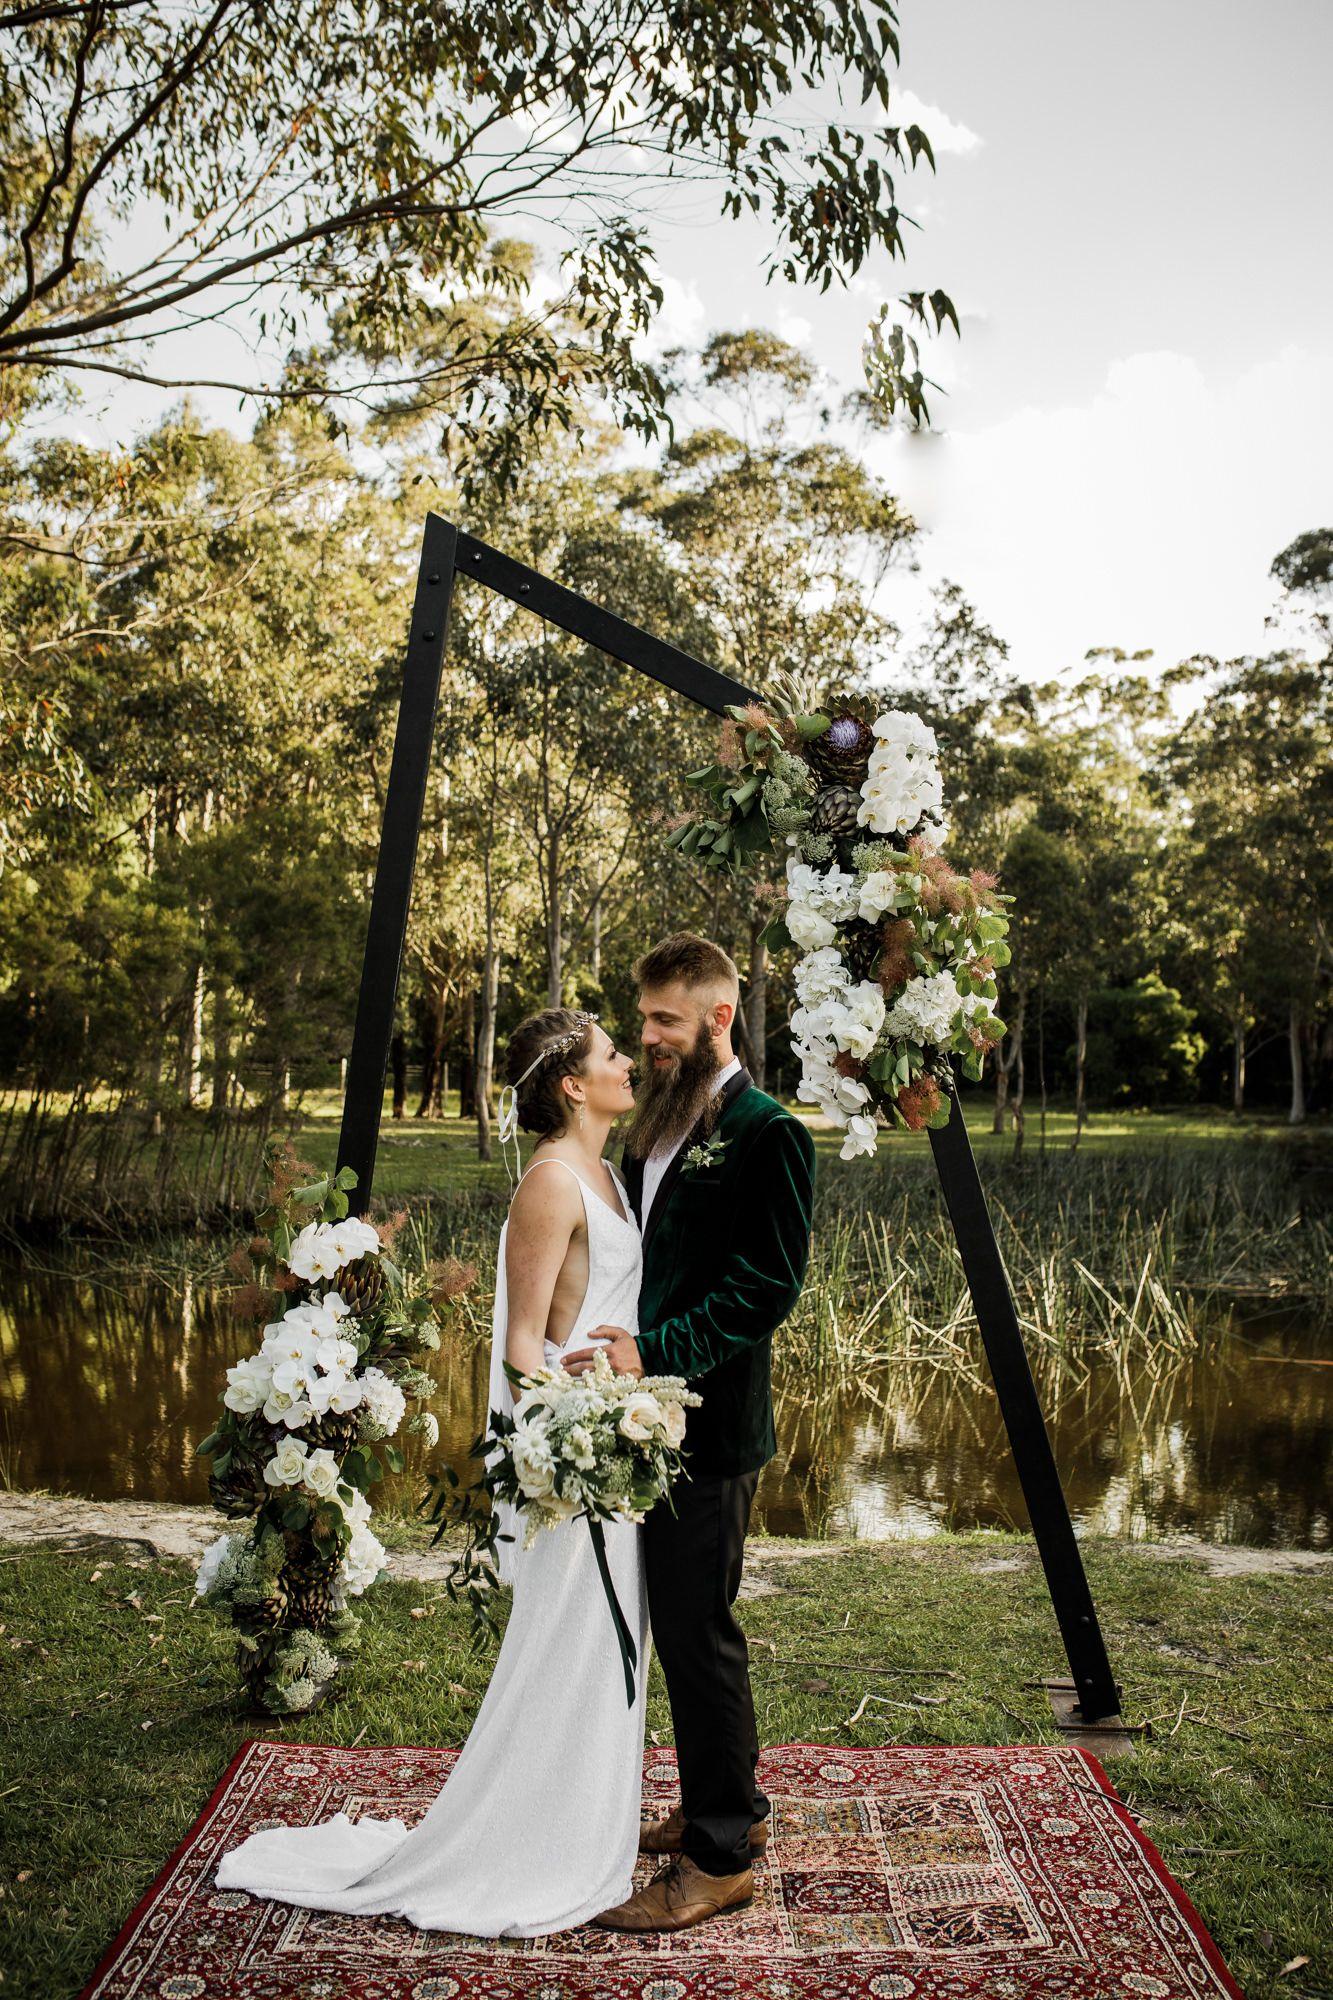 Black Geometric Geo Unique Wedding Arbour Arch Bawley Vale Estate Wedding Wedding Arches Outdoors Bush Wedding Dark Green Wedding